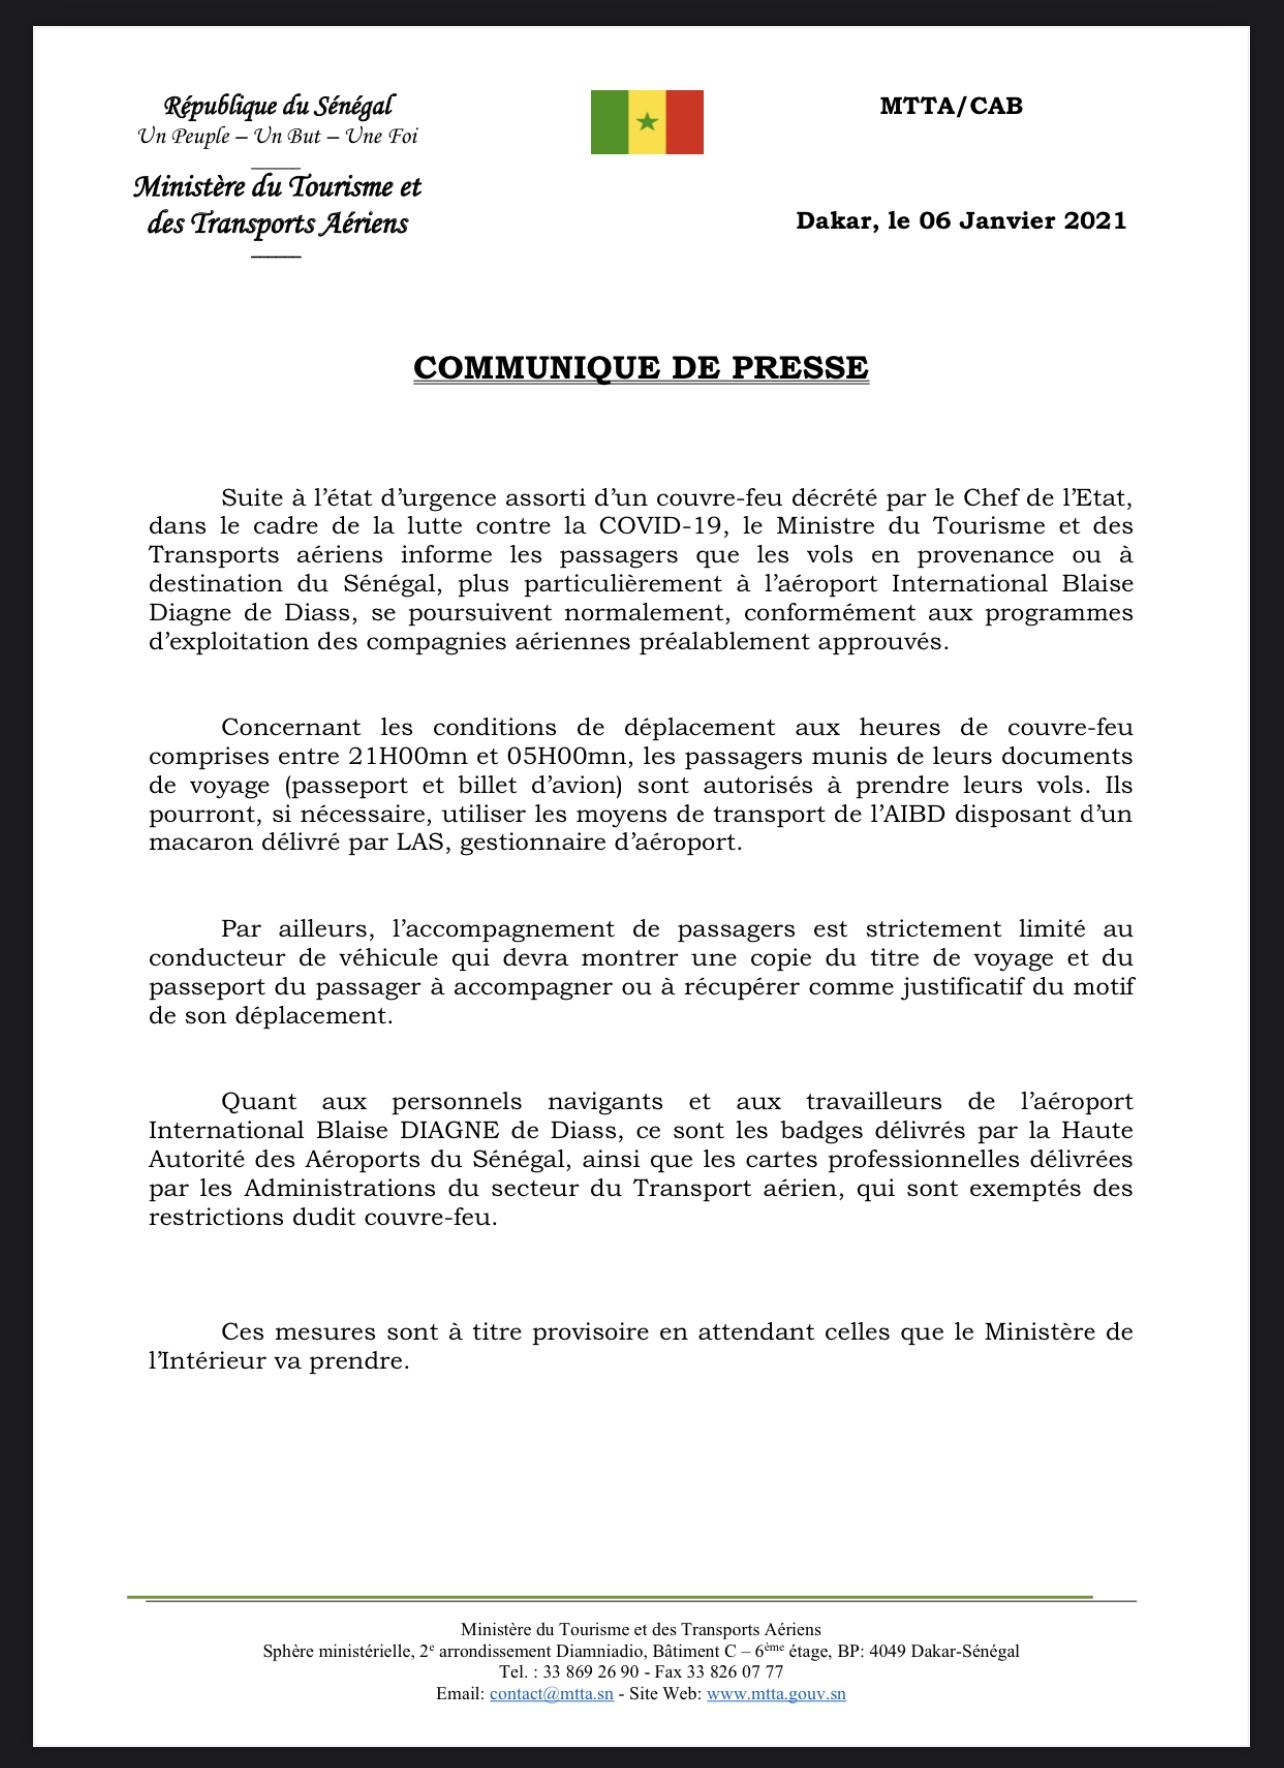 Couvre-feu : les vols en provenance ou à destination du Sénégal se poursuivent. (DOCUMENT)